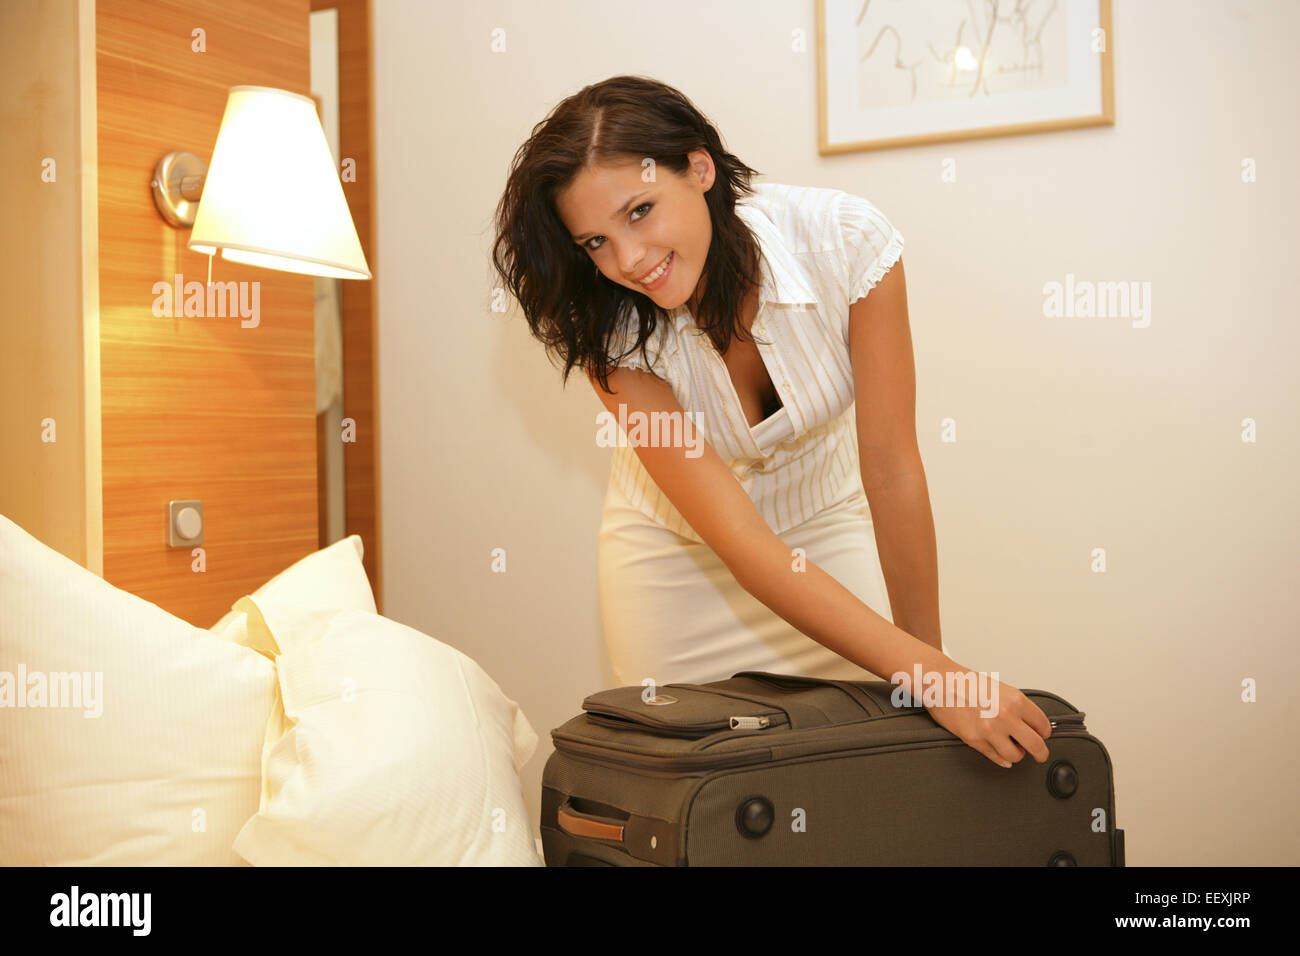 Reisevorbereitung, Frau, Bett, Koffer, packen, Reissverschluss, schliessen, Reisevorbereitungen, Kofferpacken, einpacken, Stock Photo